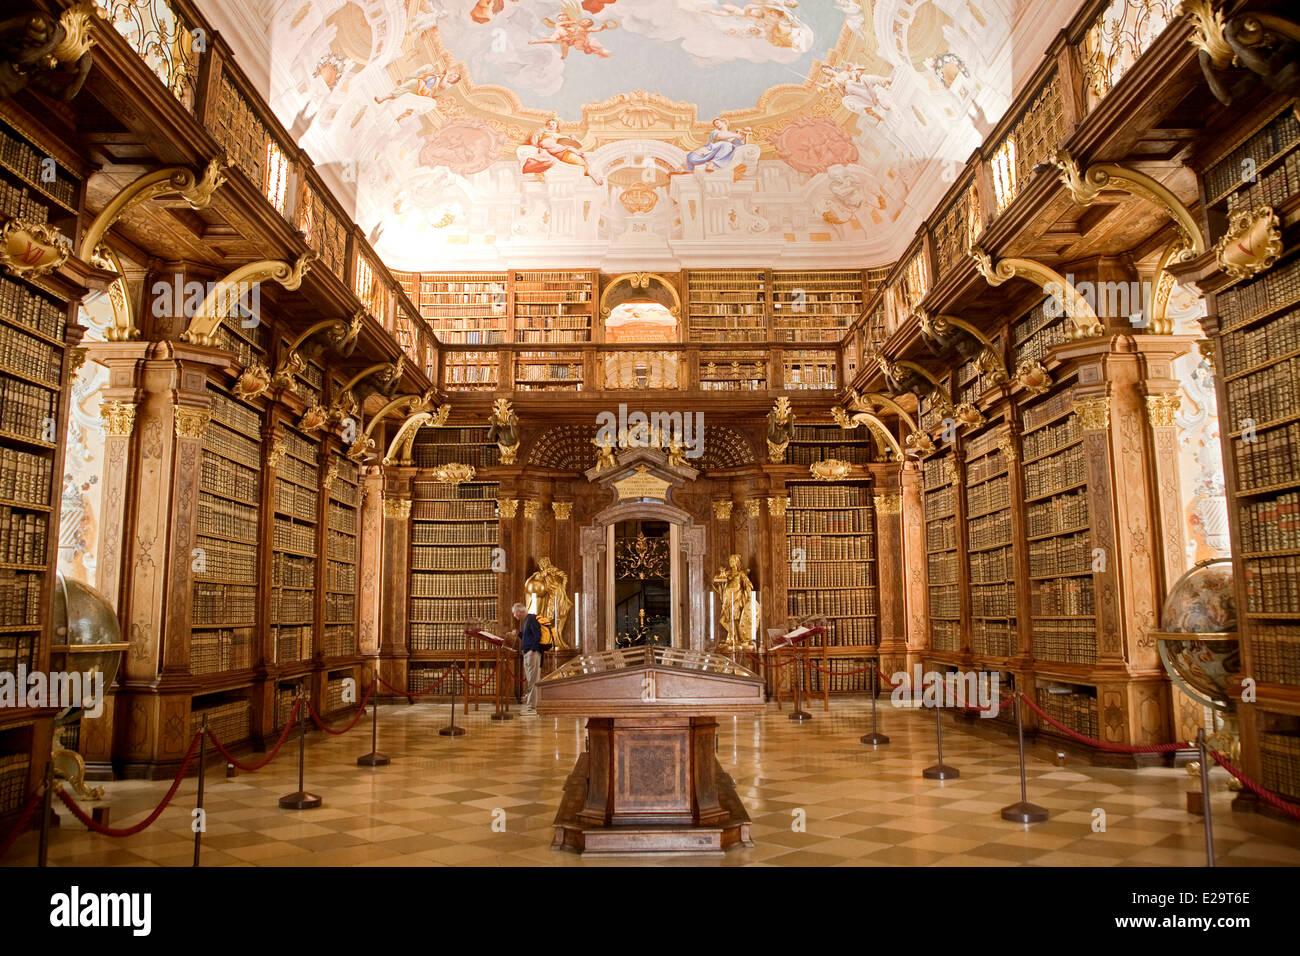 Melk Abbey Library Stock Photos  Melk Abbey Library Stock-4457